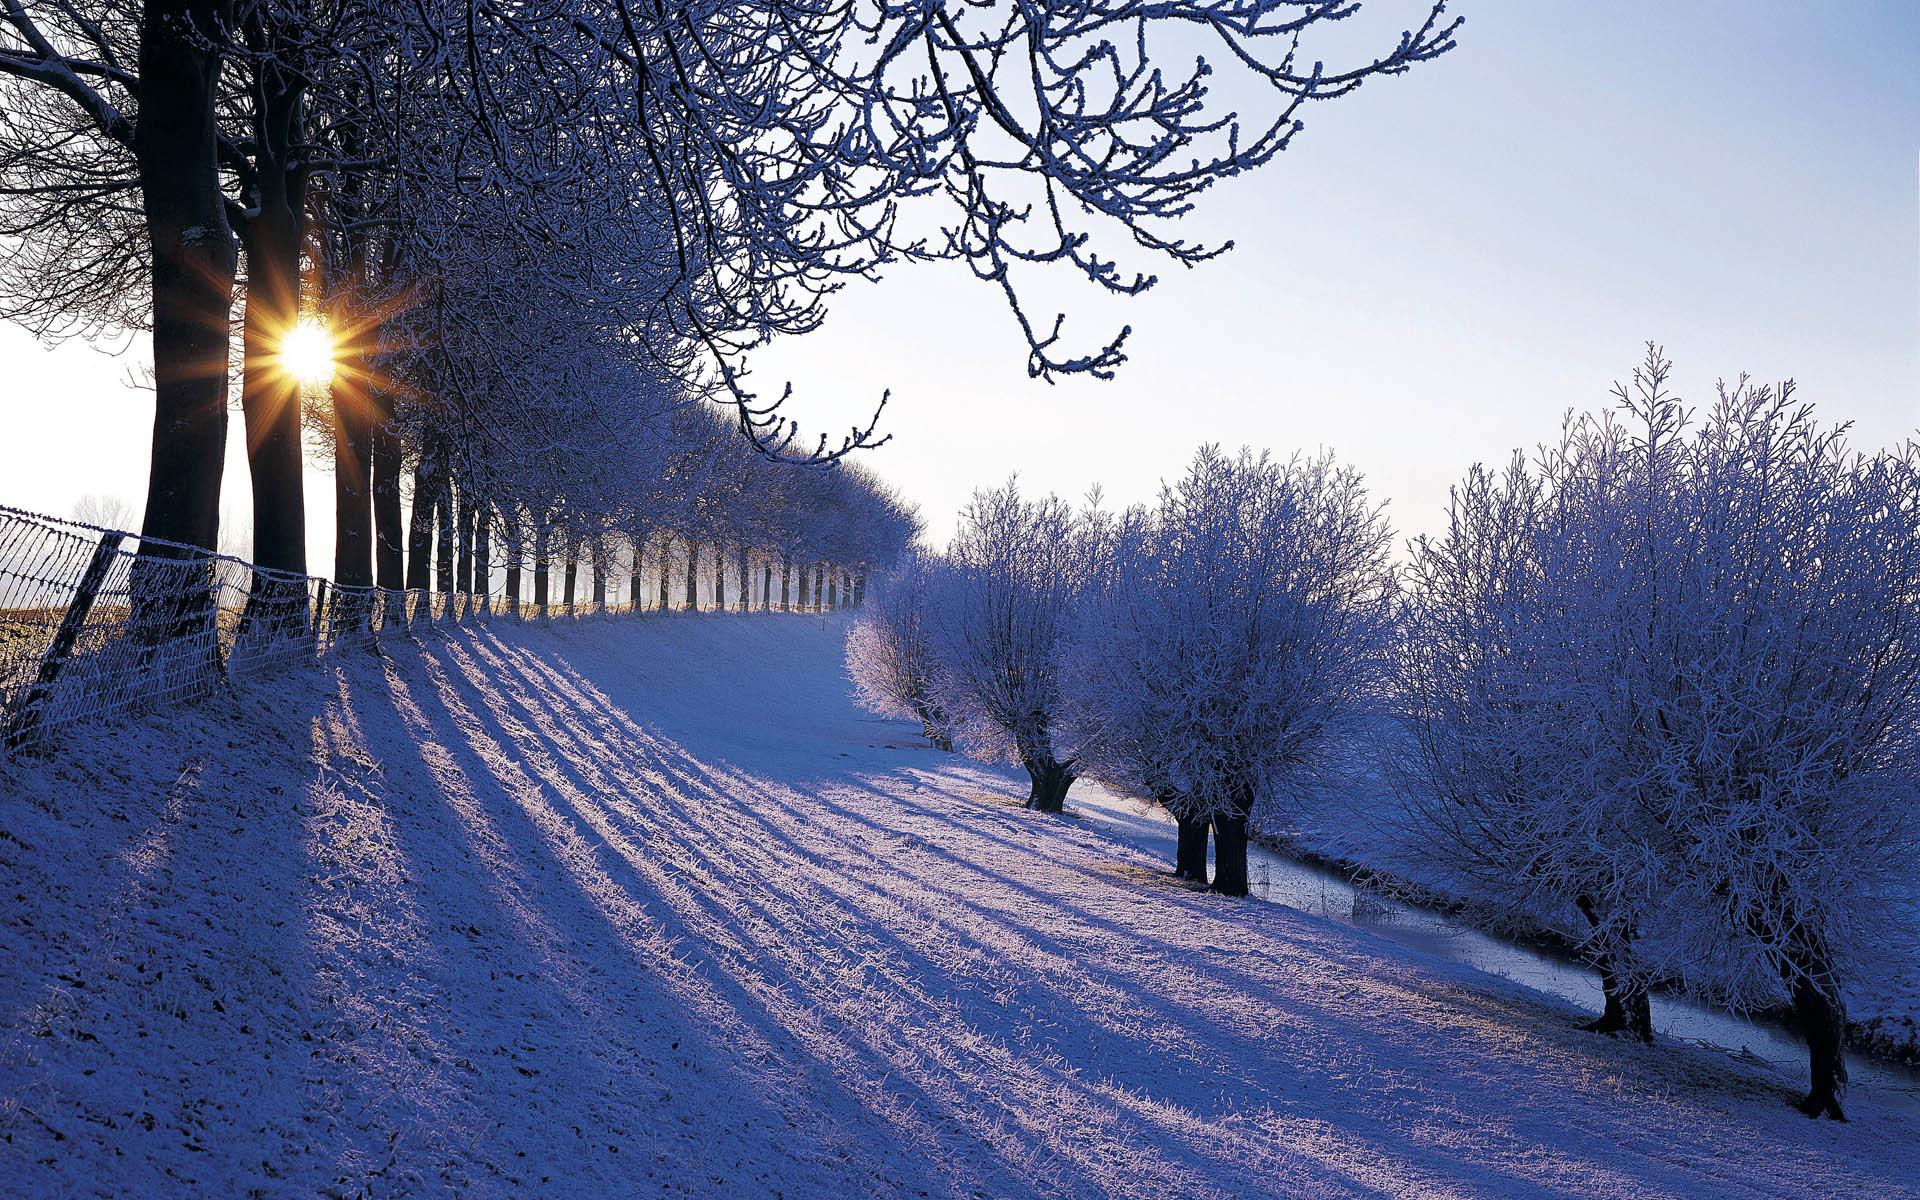 1920x1200 Most Beautiful Snow Scenes Wallpaper